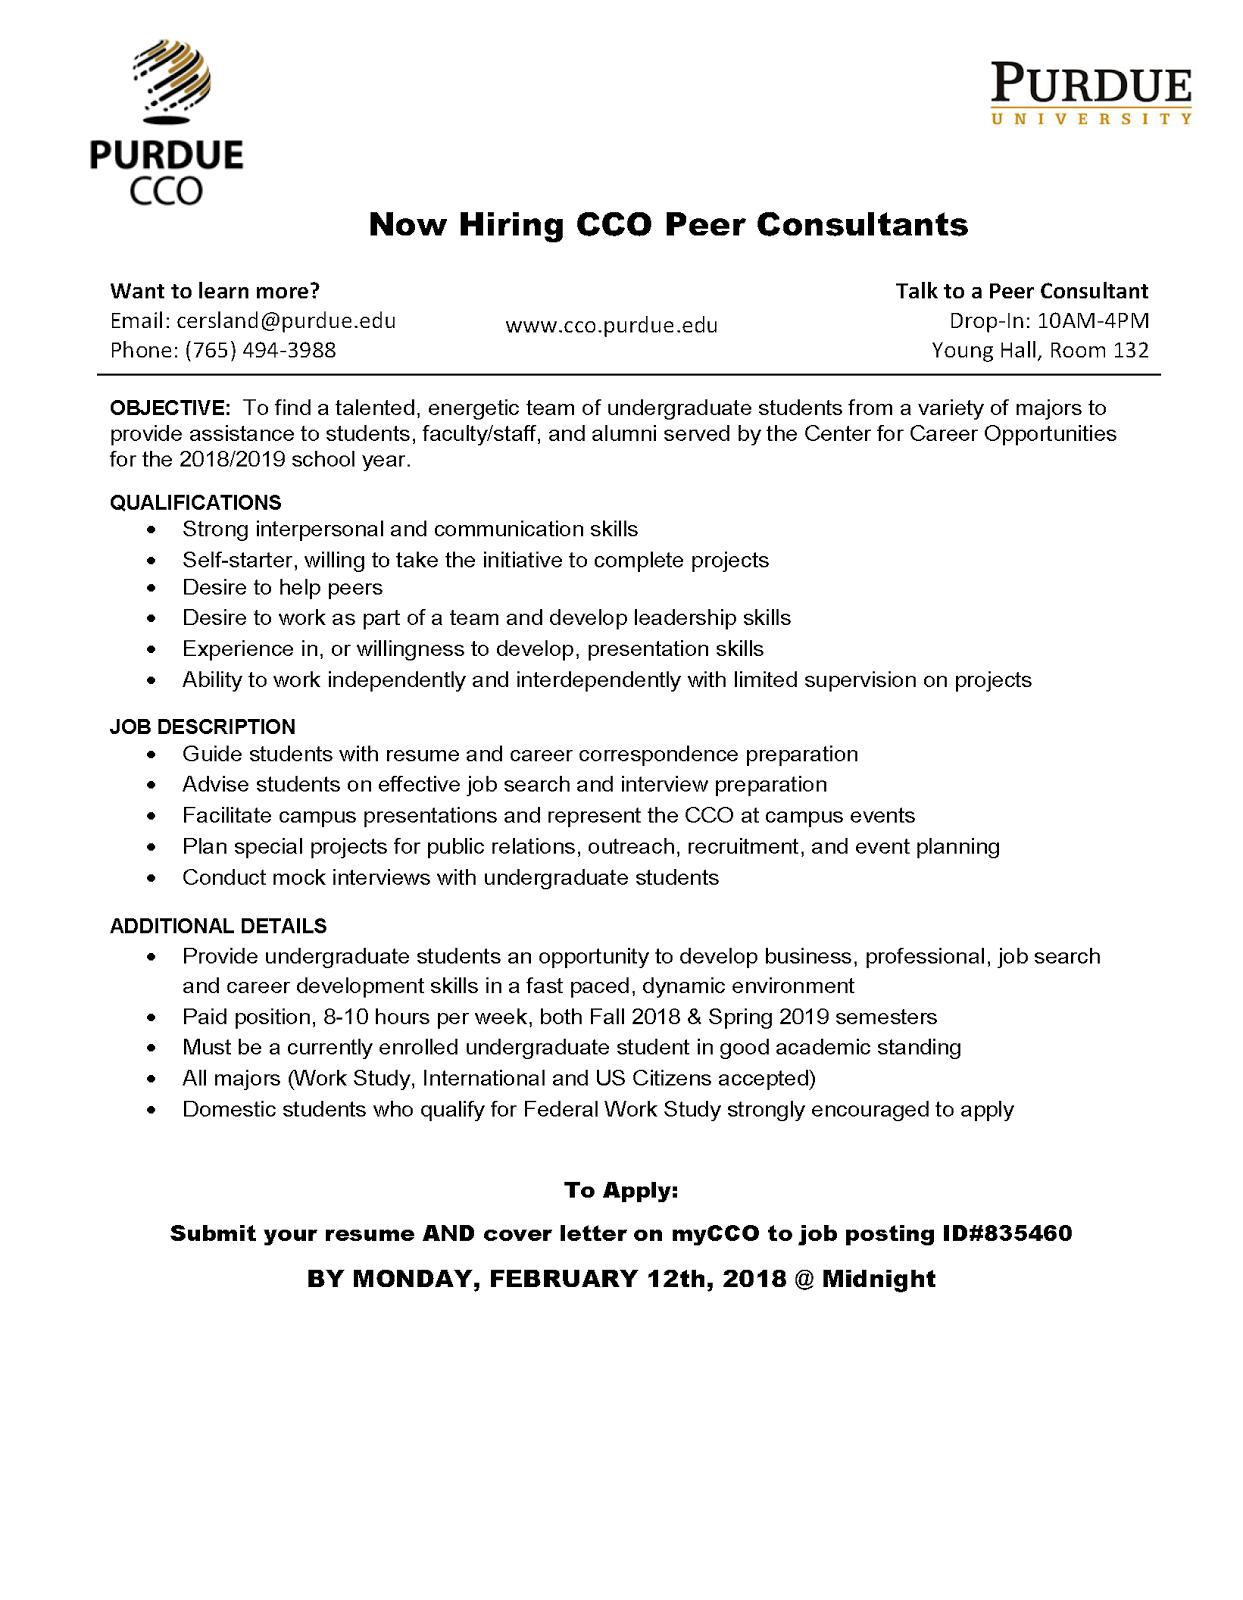 CCO Peer Consultant